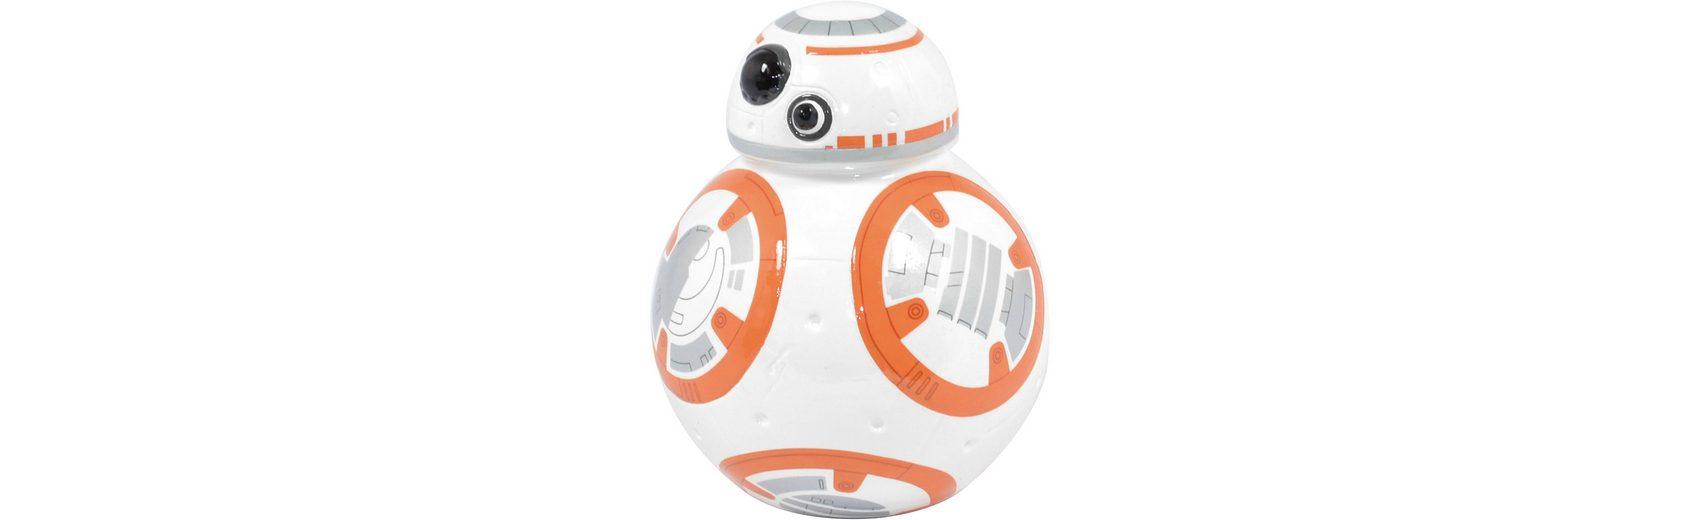 JOY TOY 3D-Spardose BB-8